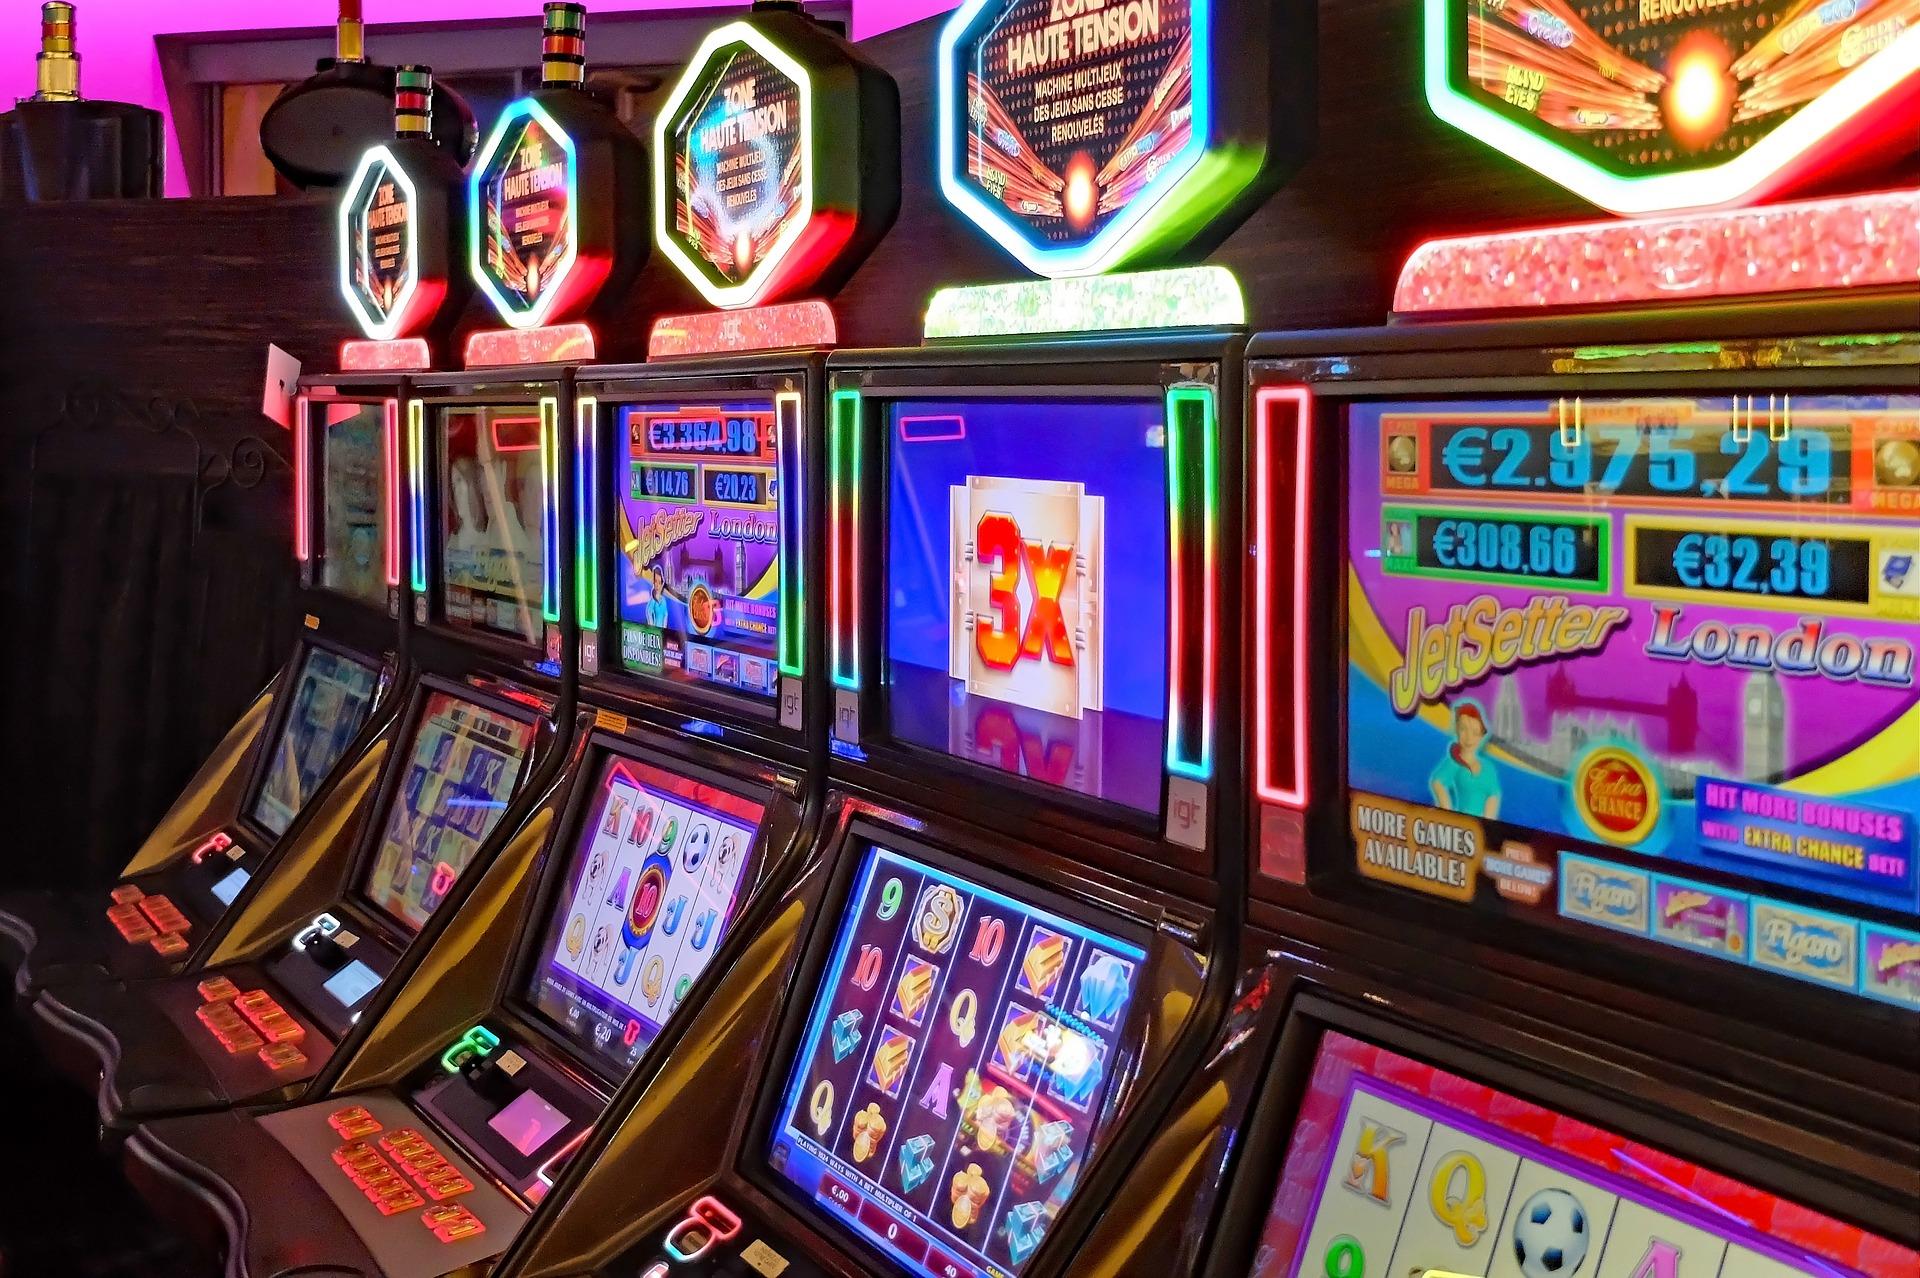 Einbruch in Gaststätte: Geldspielautomaten aufgebrochen